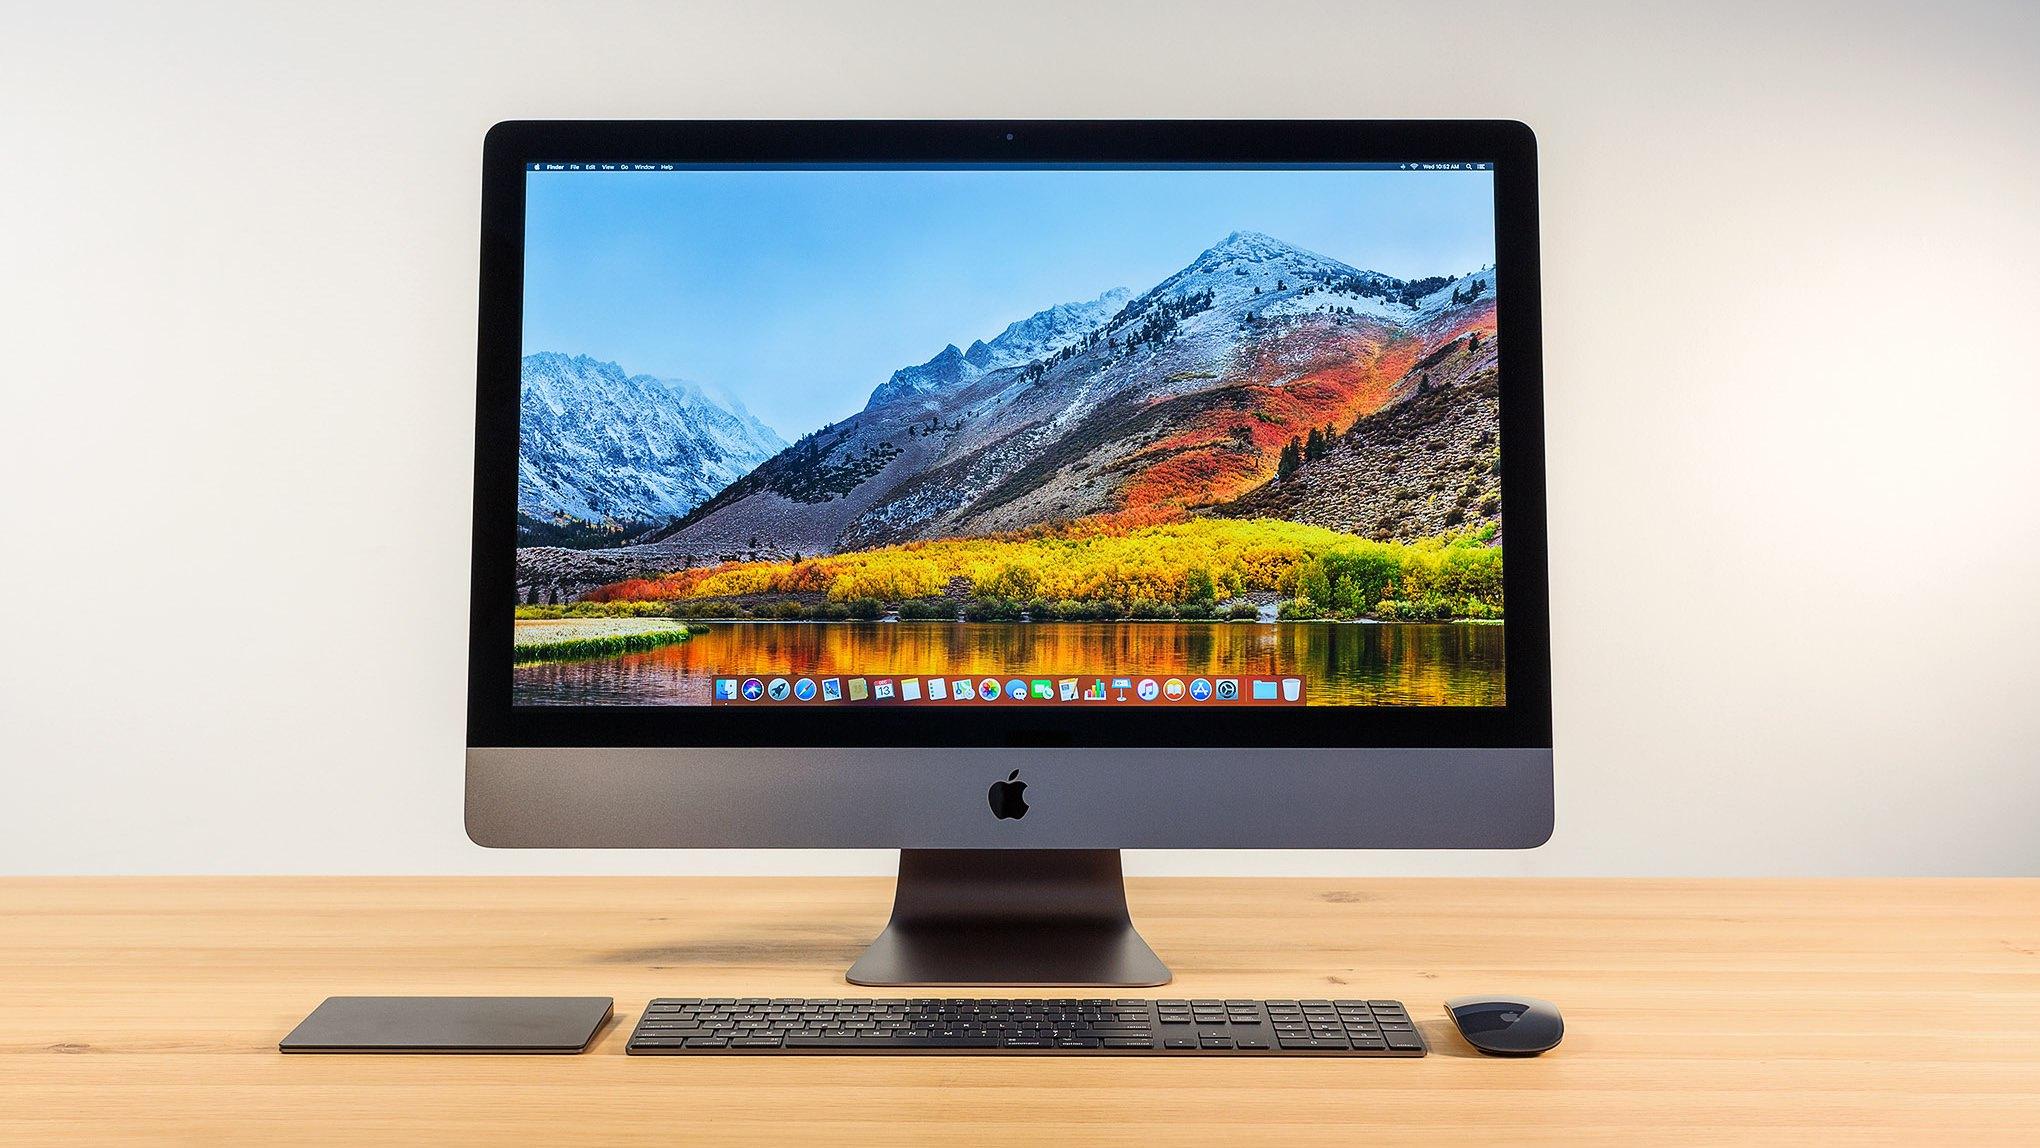 Моноблок Apple imac 27 retina 5k отзывы